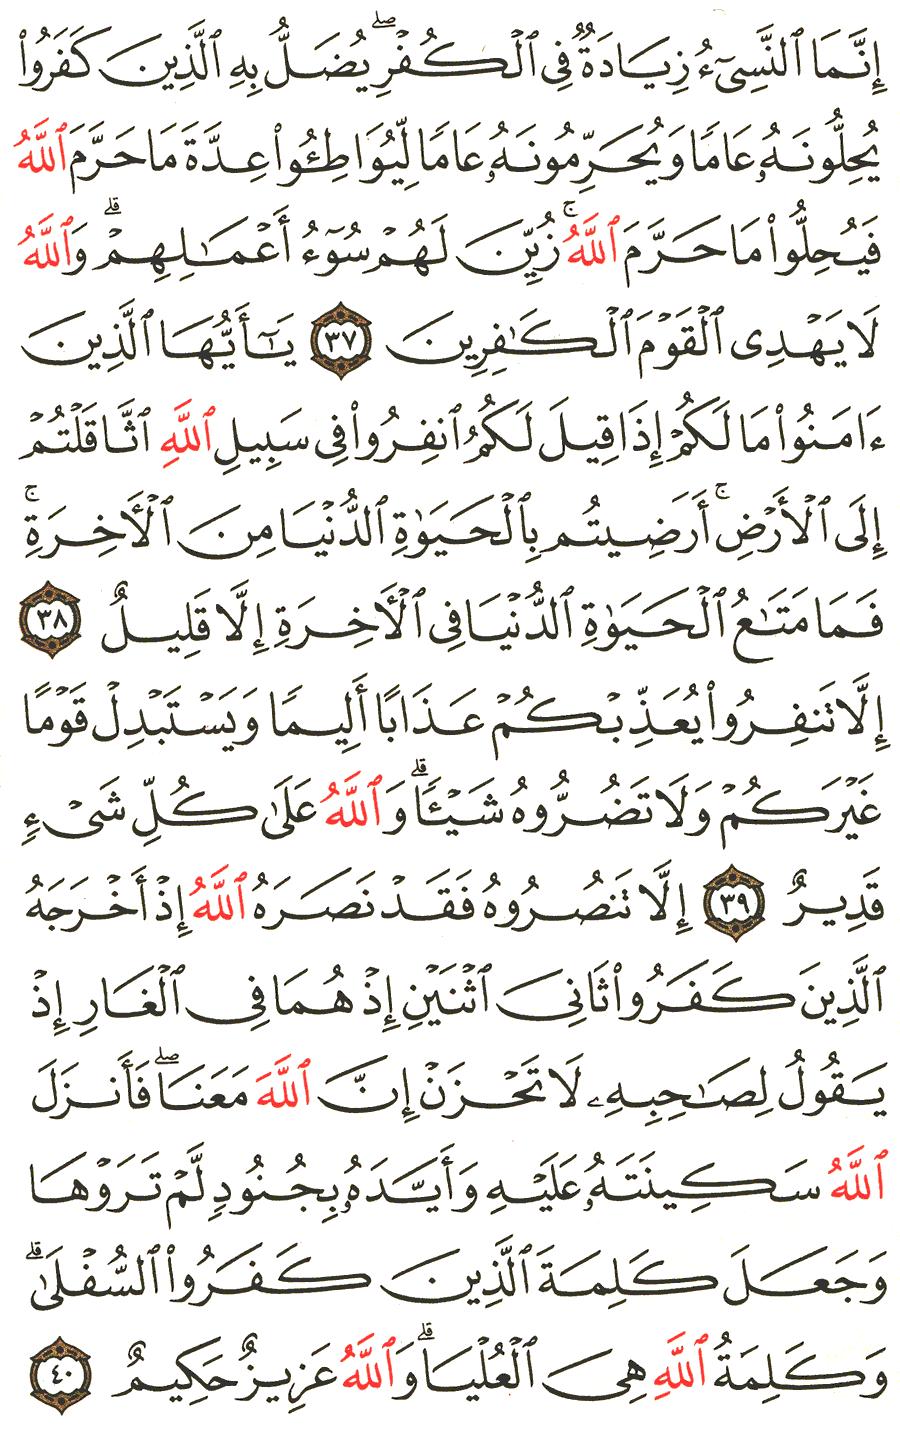 تفسير الآية 37 إلى 40 من سورة التوبة تفسير الطبري